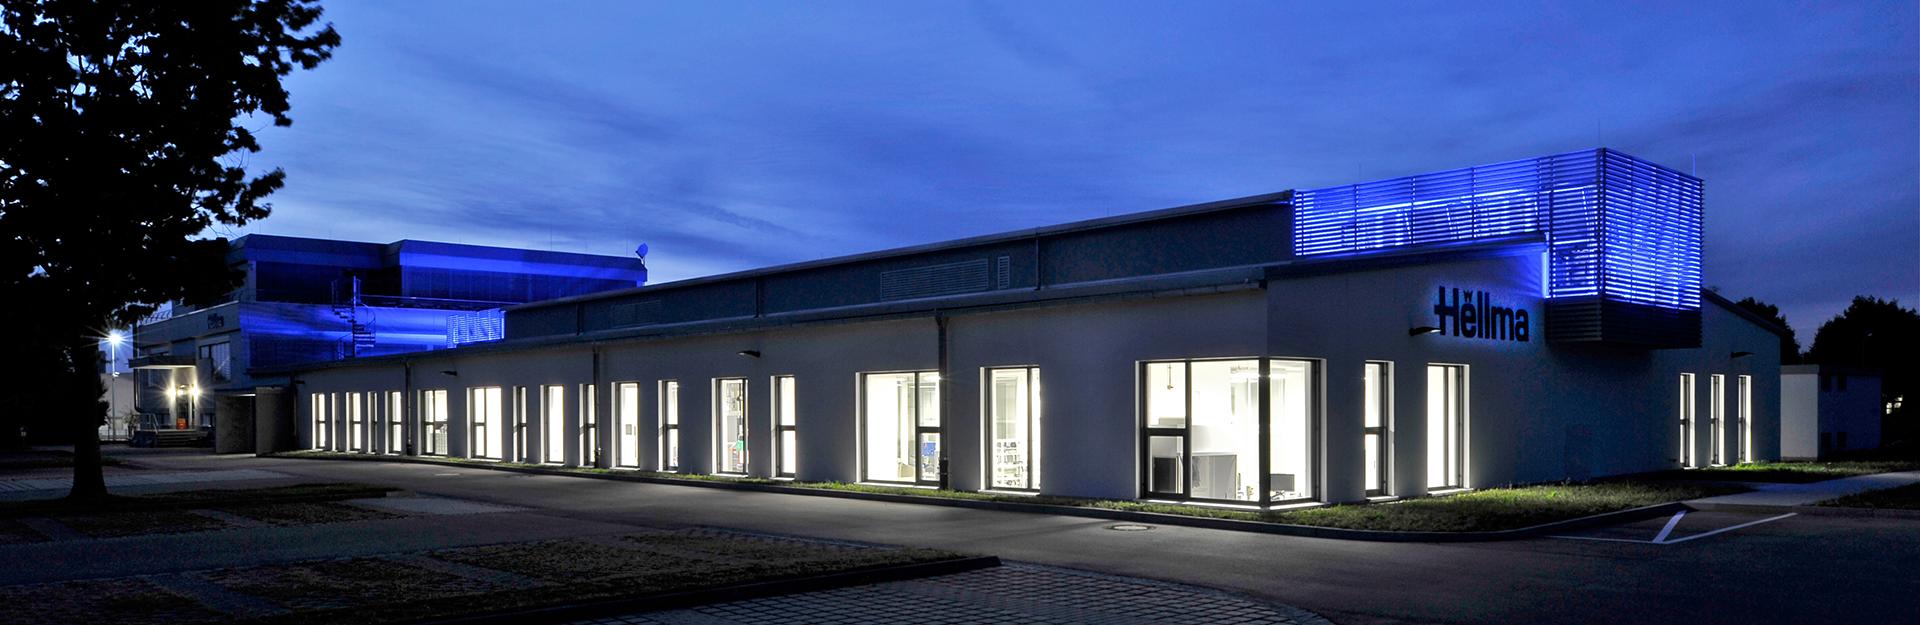 Hellma GmbH & Co. KG